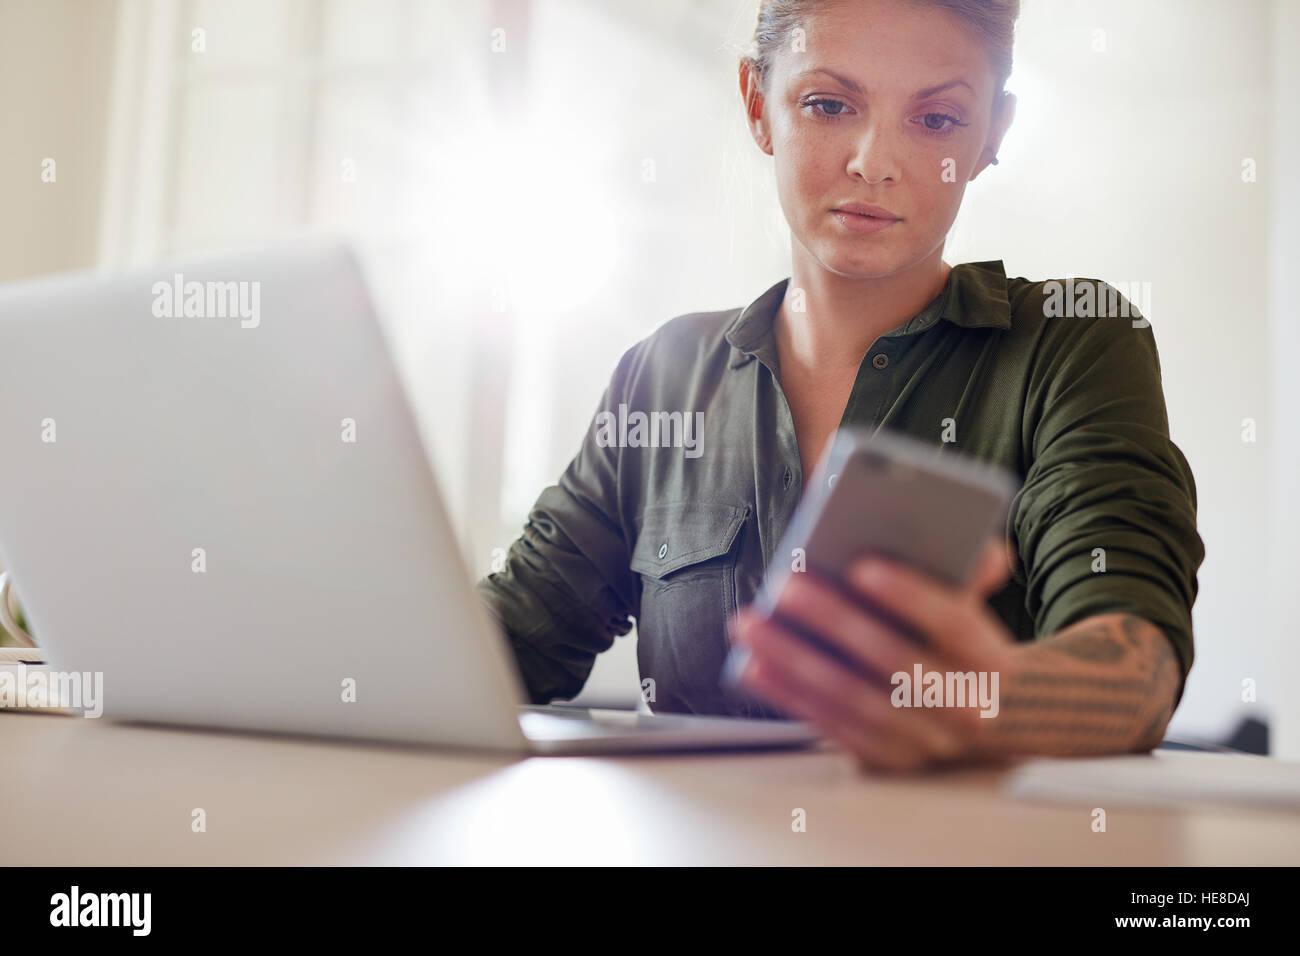 Foto de atractivo joven sentado en la mesa con el portátil y la lectura de un mensaje de texto en su teléfono Imagen De Stock